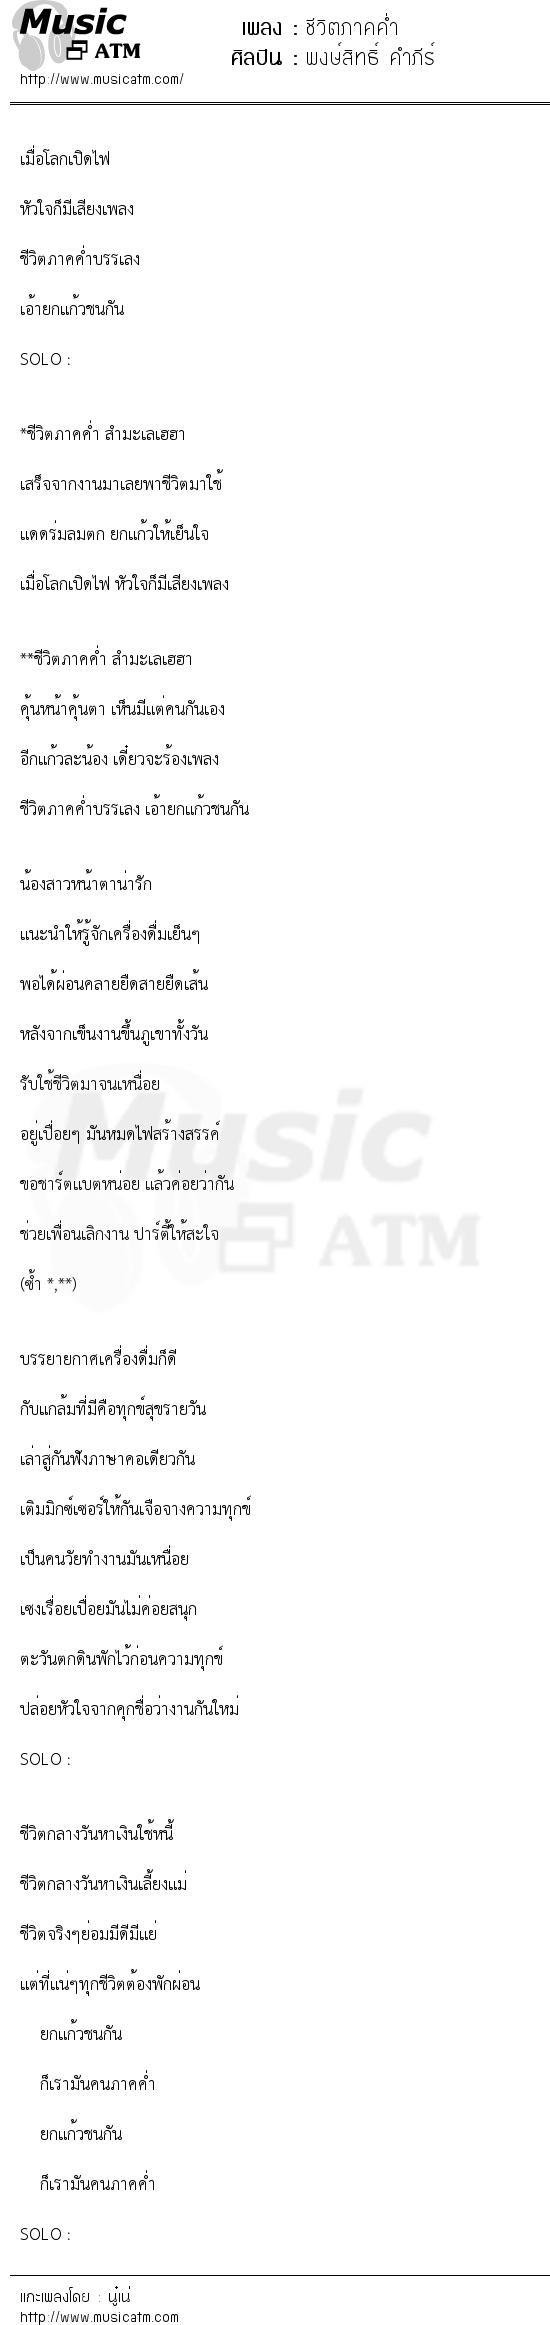 เนื้อเพลง ชีวิตภาคค่ำ - พงษ์สิทธิ์ คำภีร์   เพลงไทย